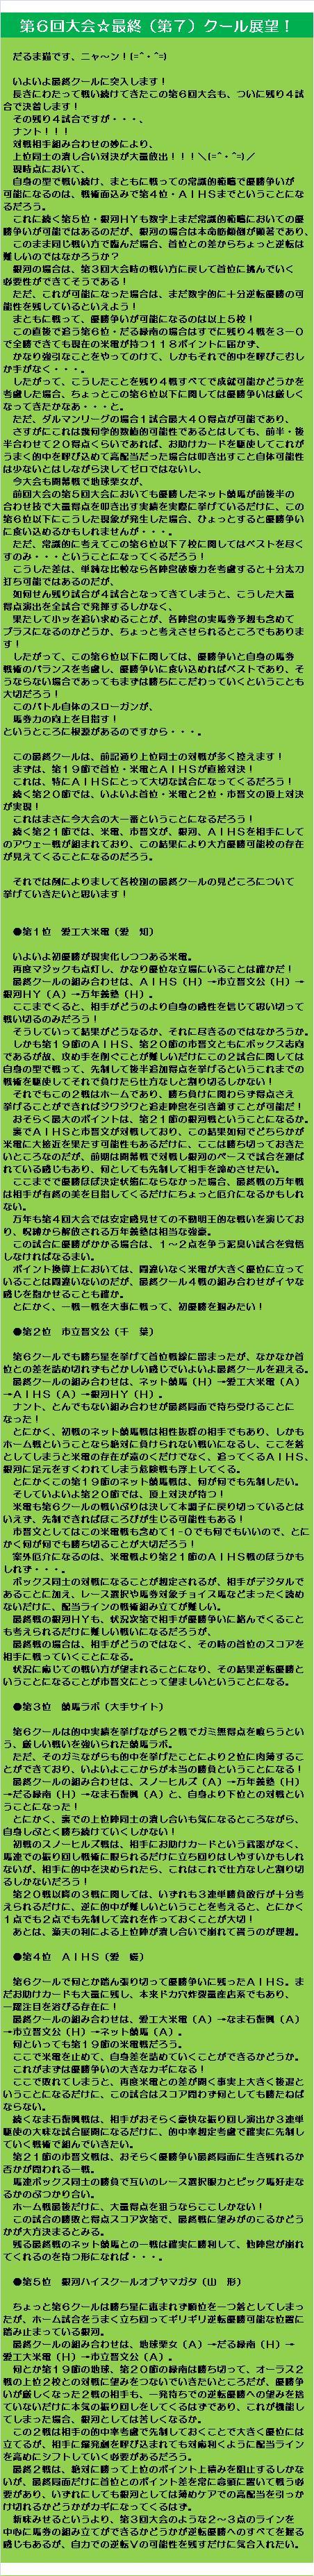 20150303・ダルマンリーグ第7クール展望①.jpg